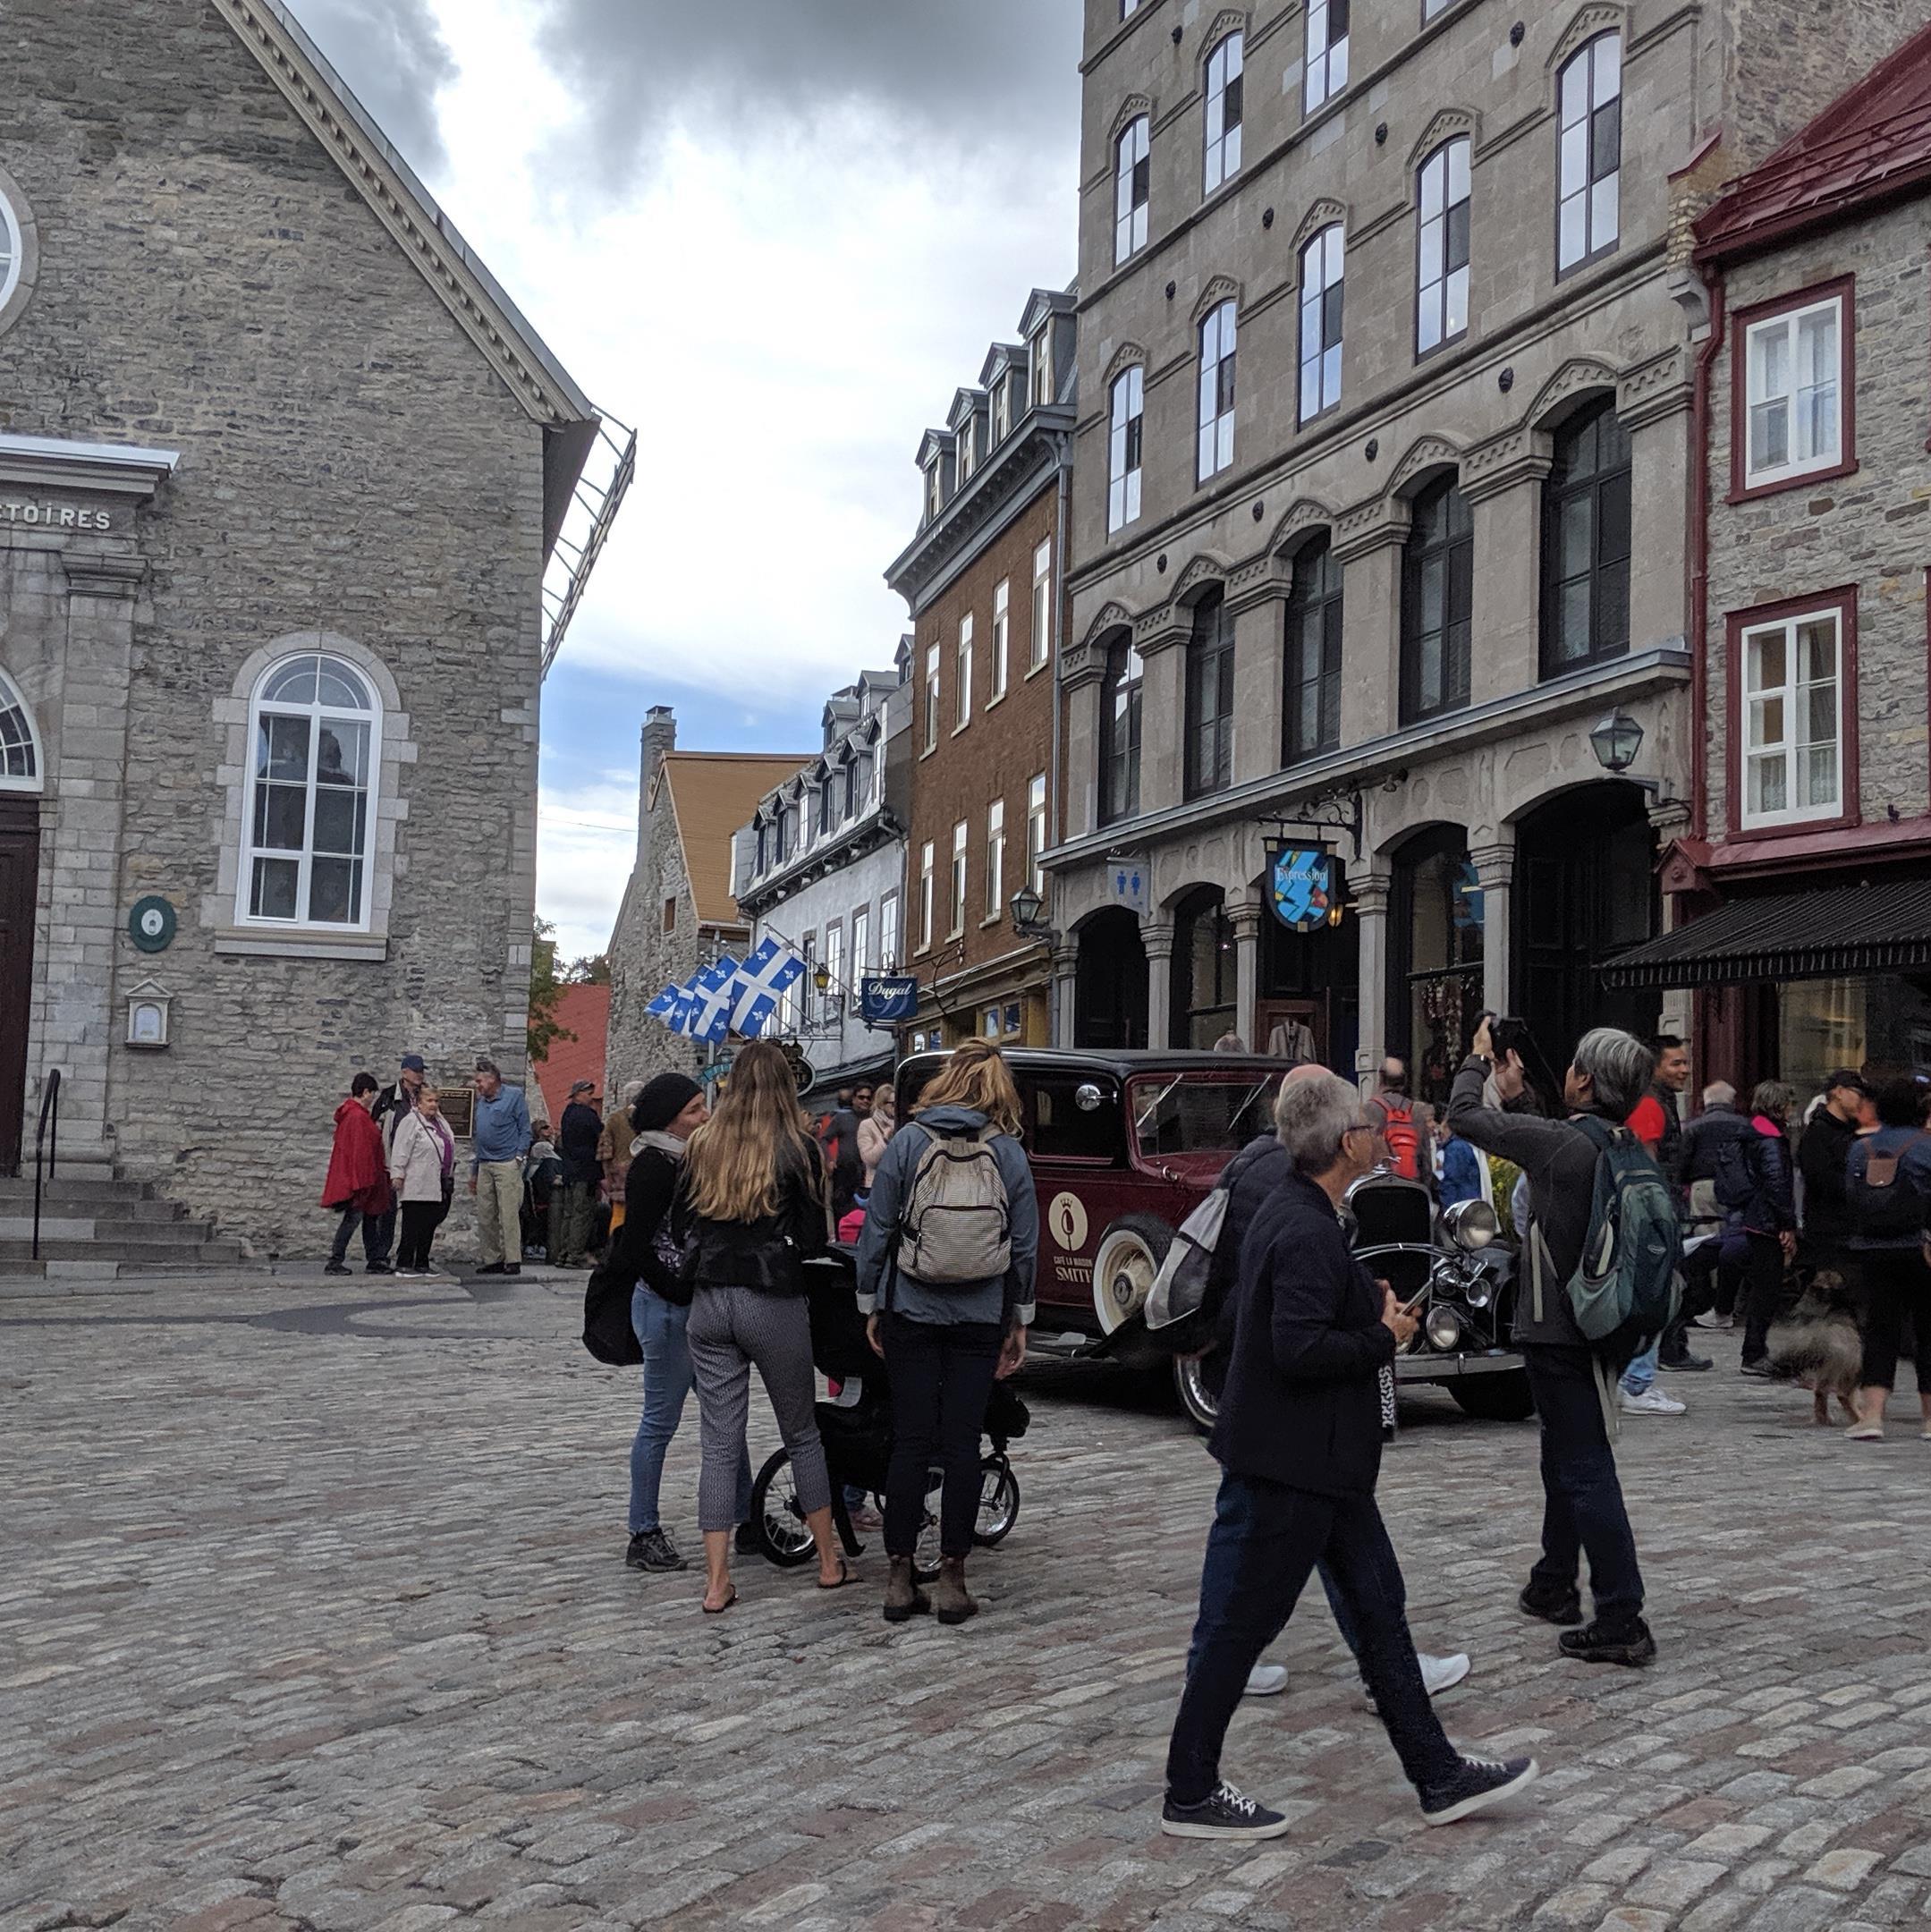 Las calles del Viejo Quebec atraen muchos turistas.